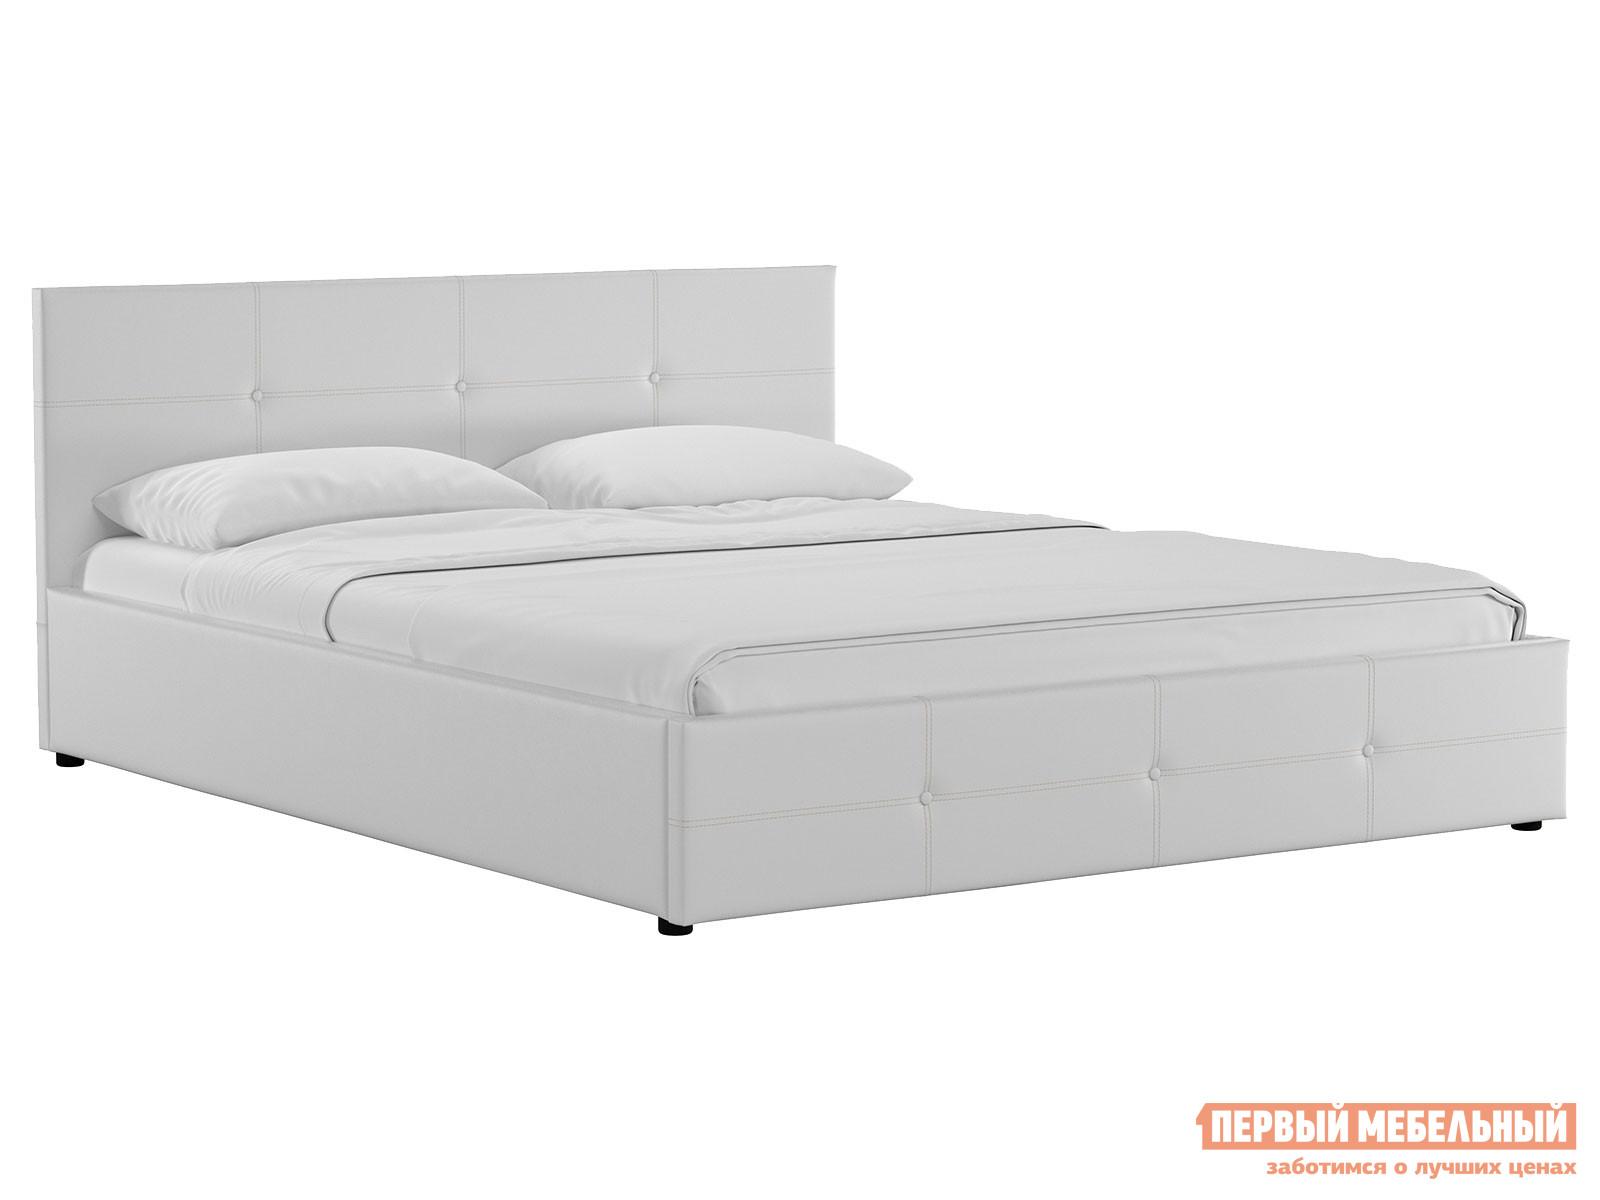 Двуспальная кровать  Кровать Синди с подъемным механизмом 160х200 Белый, экокожа — Кровать Синди с подъемным механизмом 160х200 Белый, экокожа